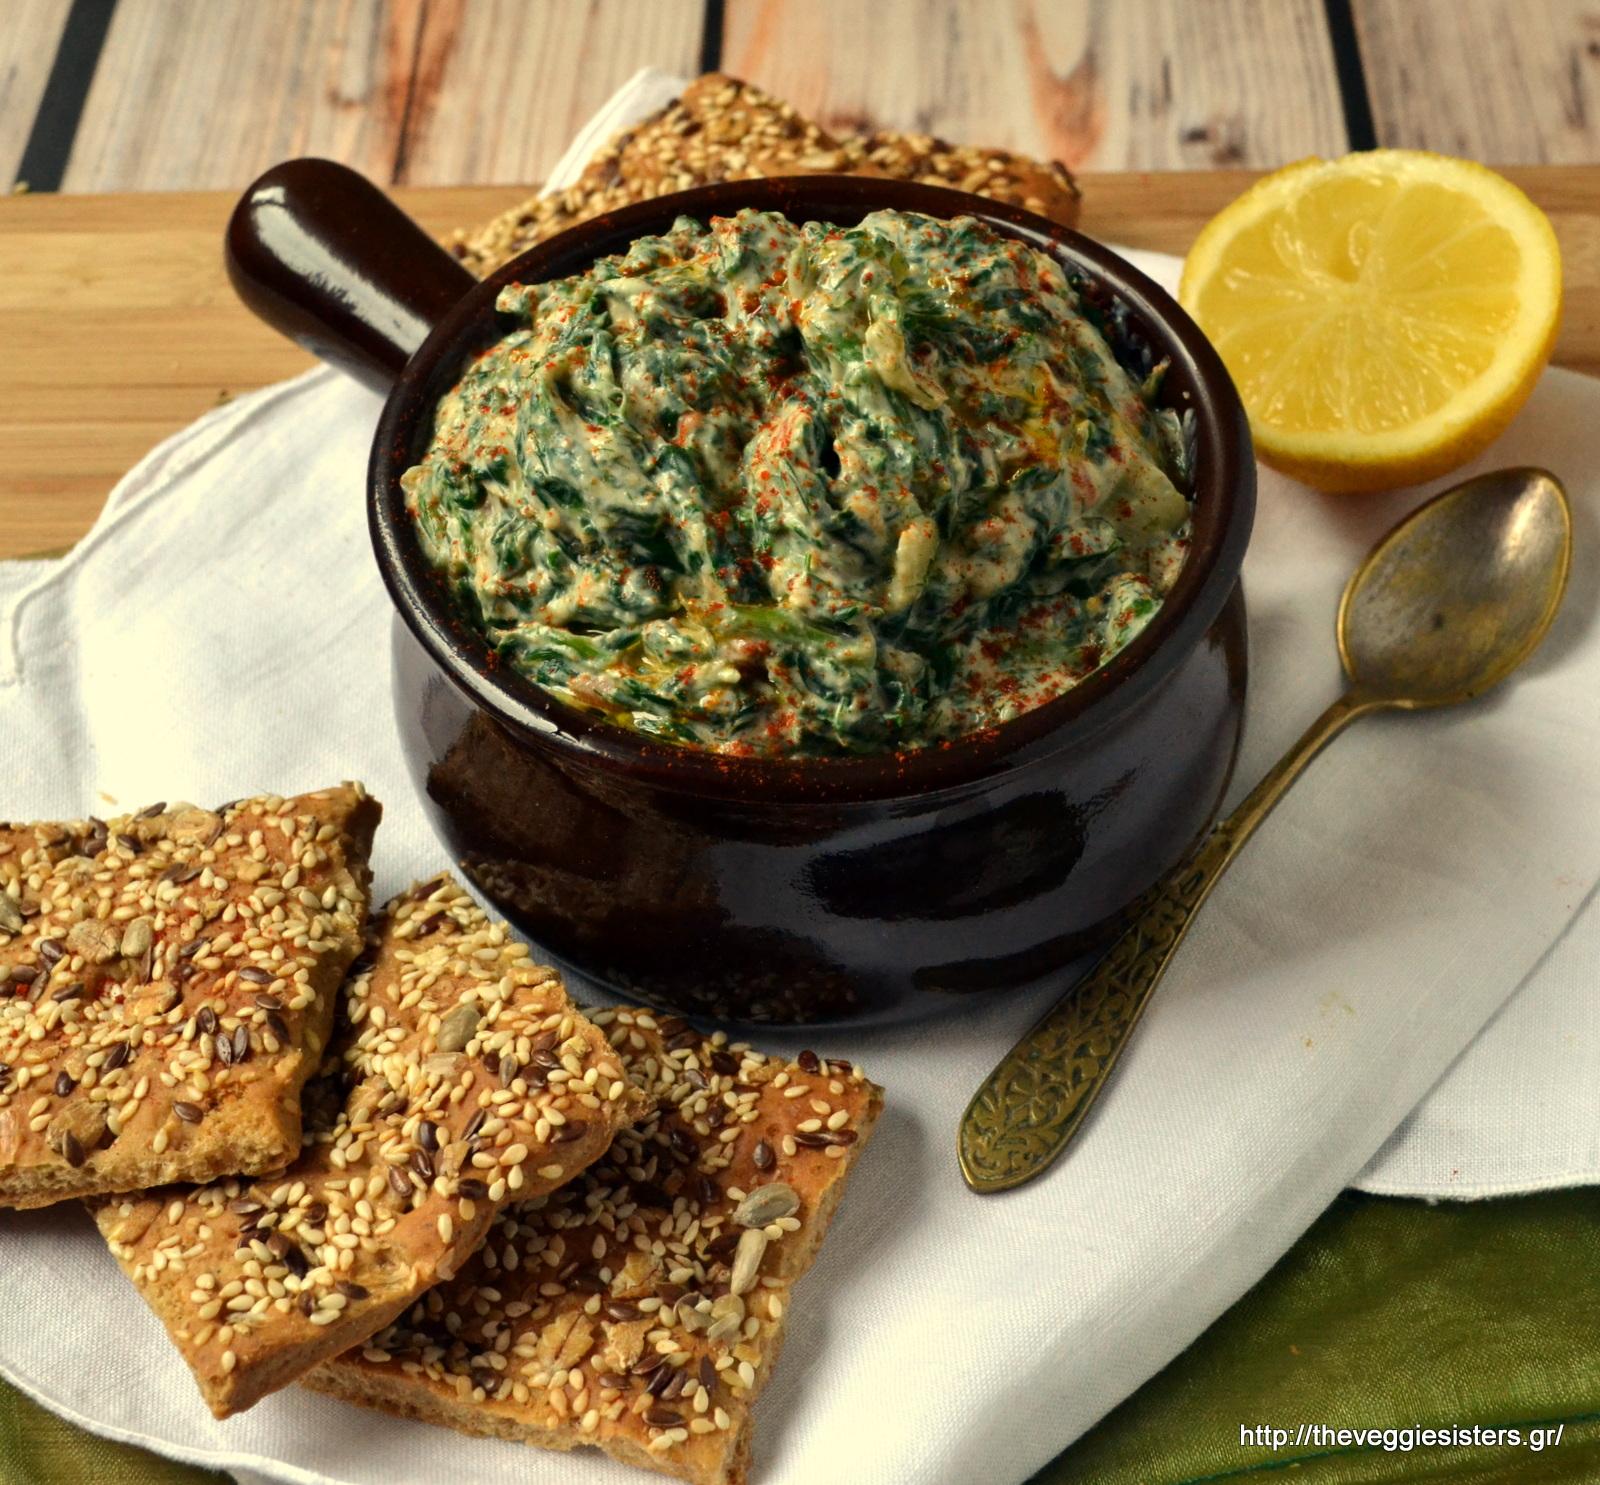 Κρεμώδες ντιπ με σπανάκι - Creamy vegan spinach dip